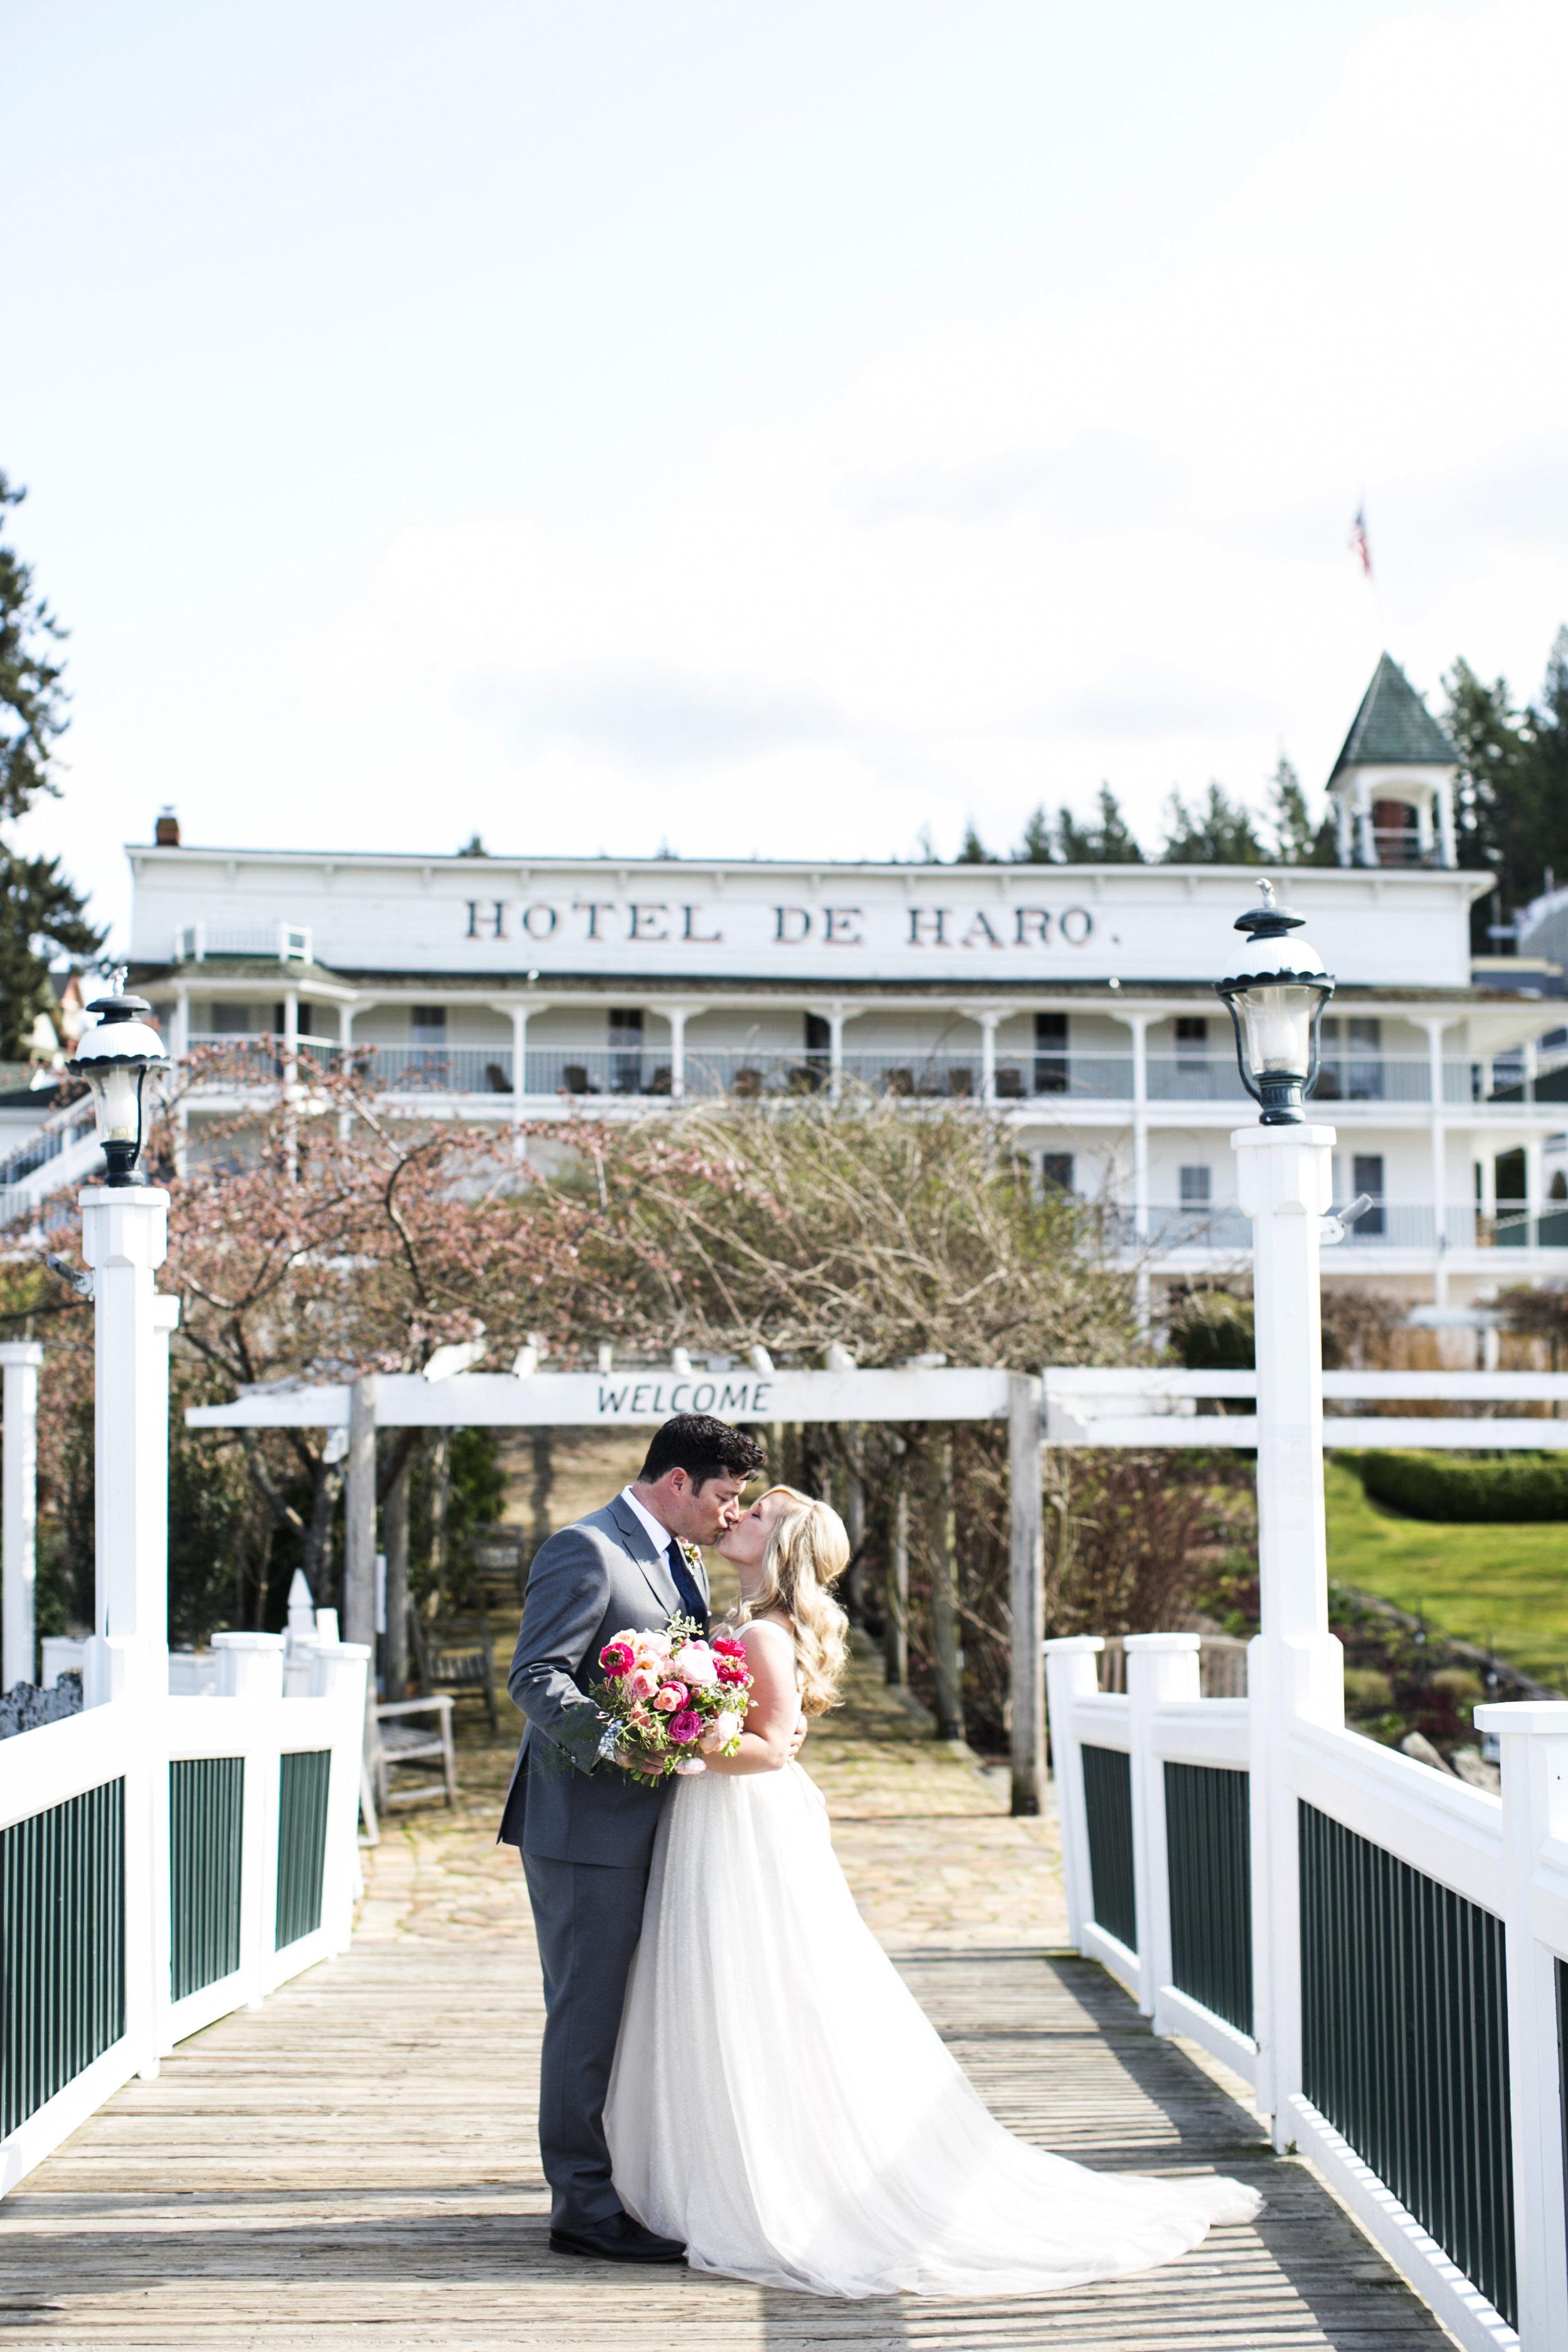 Roche-Harbor-Hull-Varnes-Wedding-0078Katie-Parra.JPG